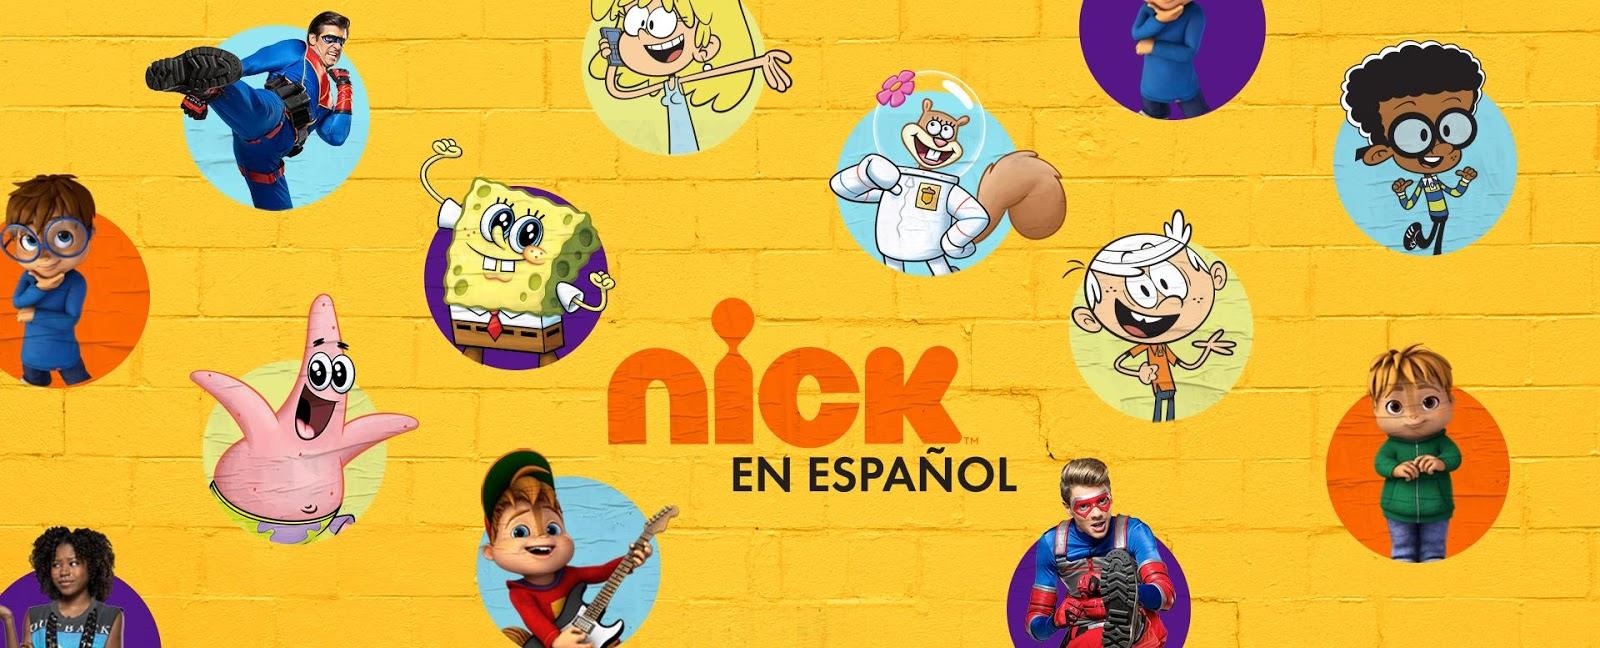 NickALive!: Nickelodeon USA Launches 'Nick en Español' Hub